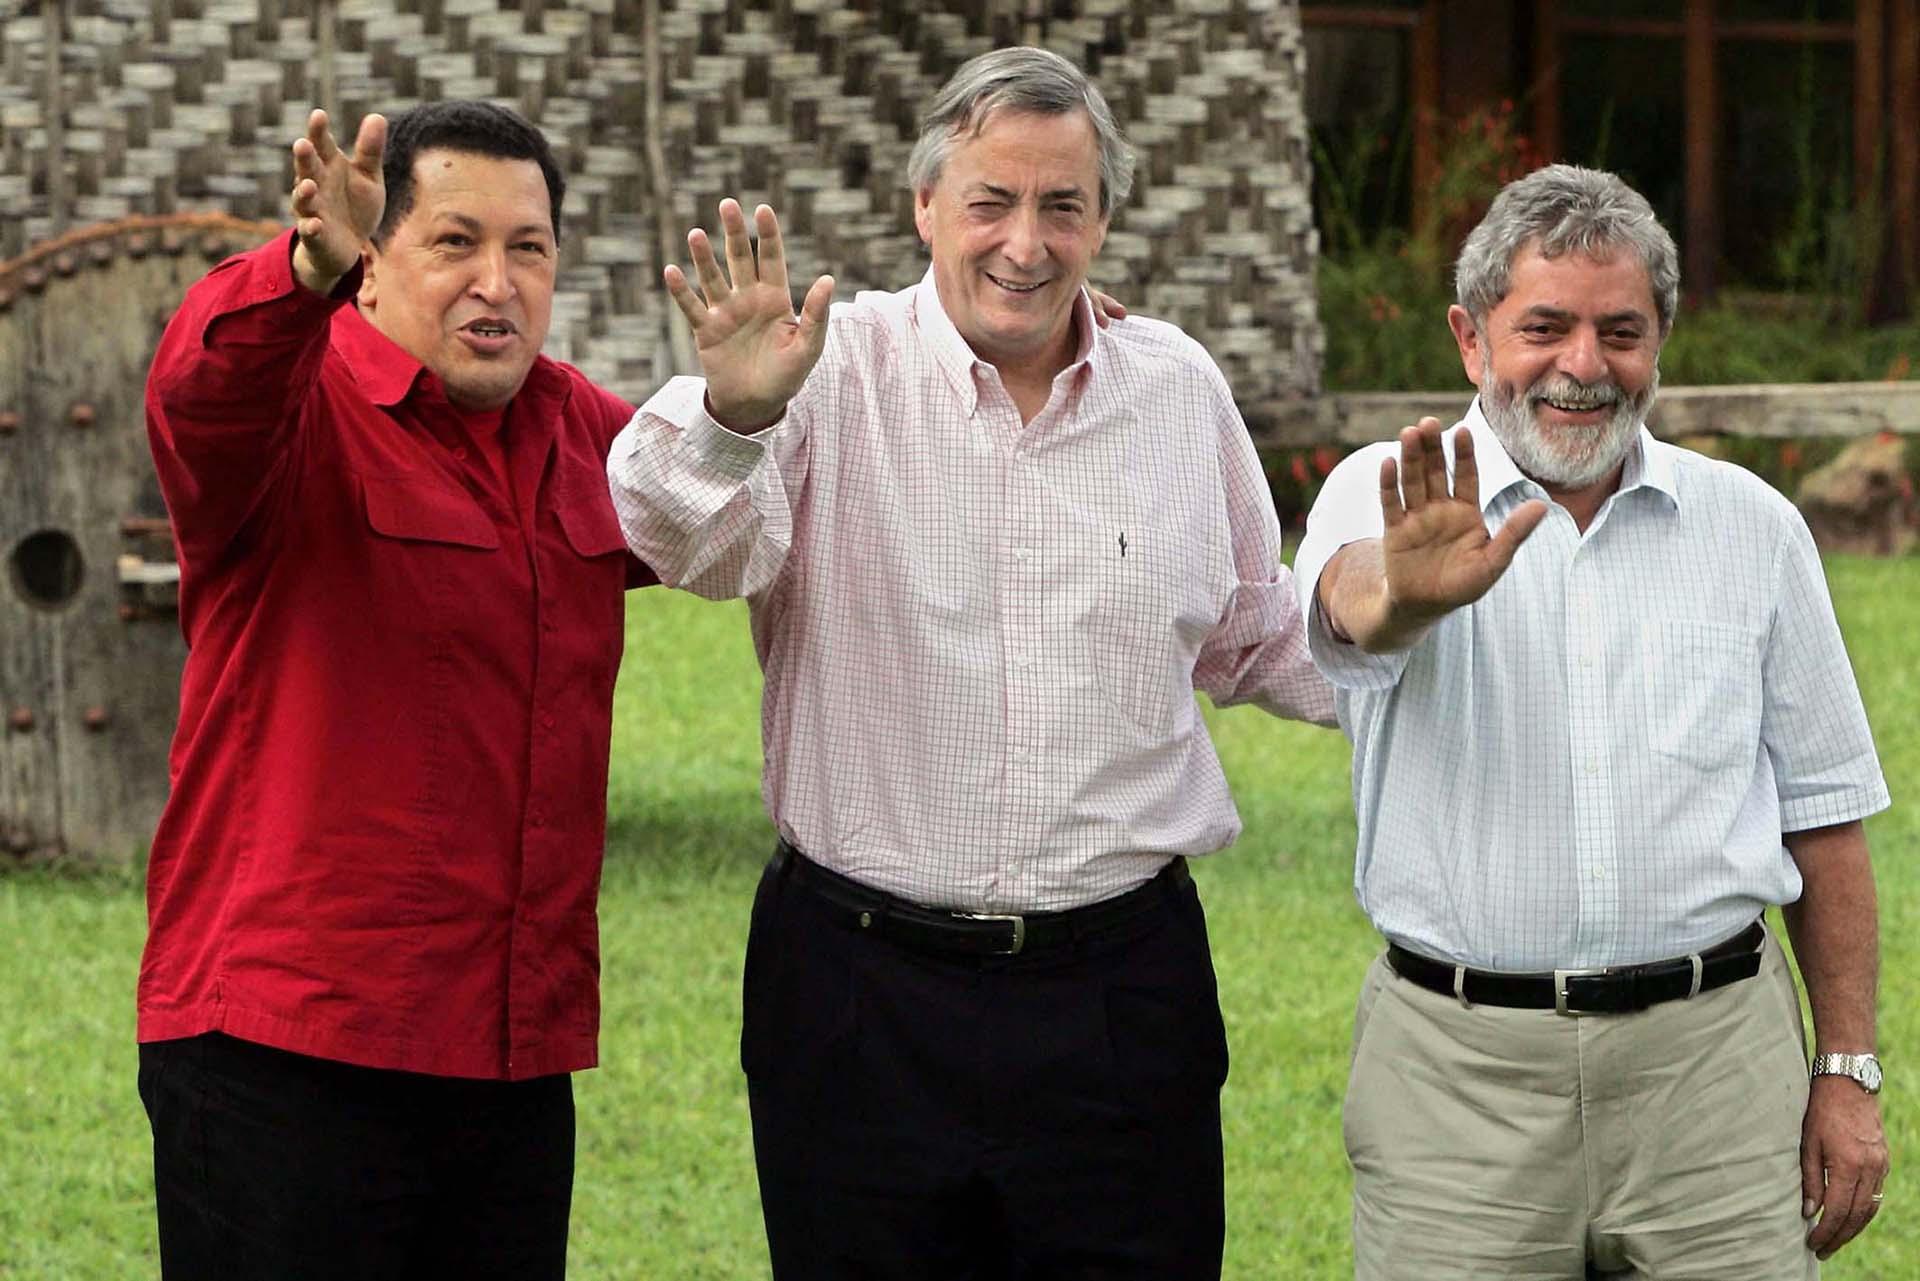 El presidente Néstor Kirchner junto a su par venezolano, Hugo Chávez (izquierda) y su par brasileño, Lula Da Silva (derecha) durante un encuentro en Brasilia, en 2006.